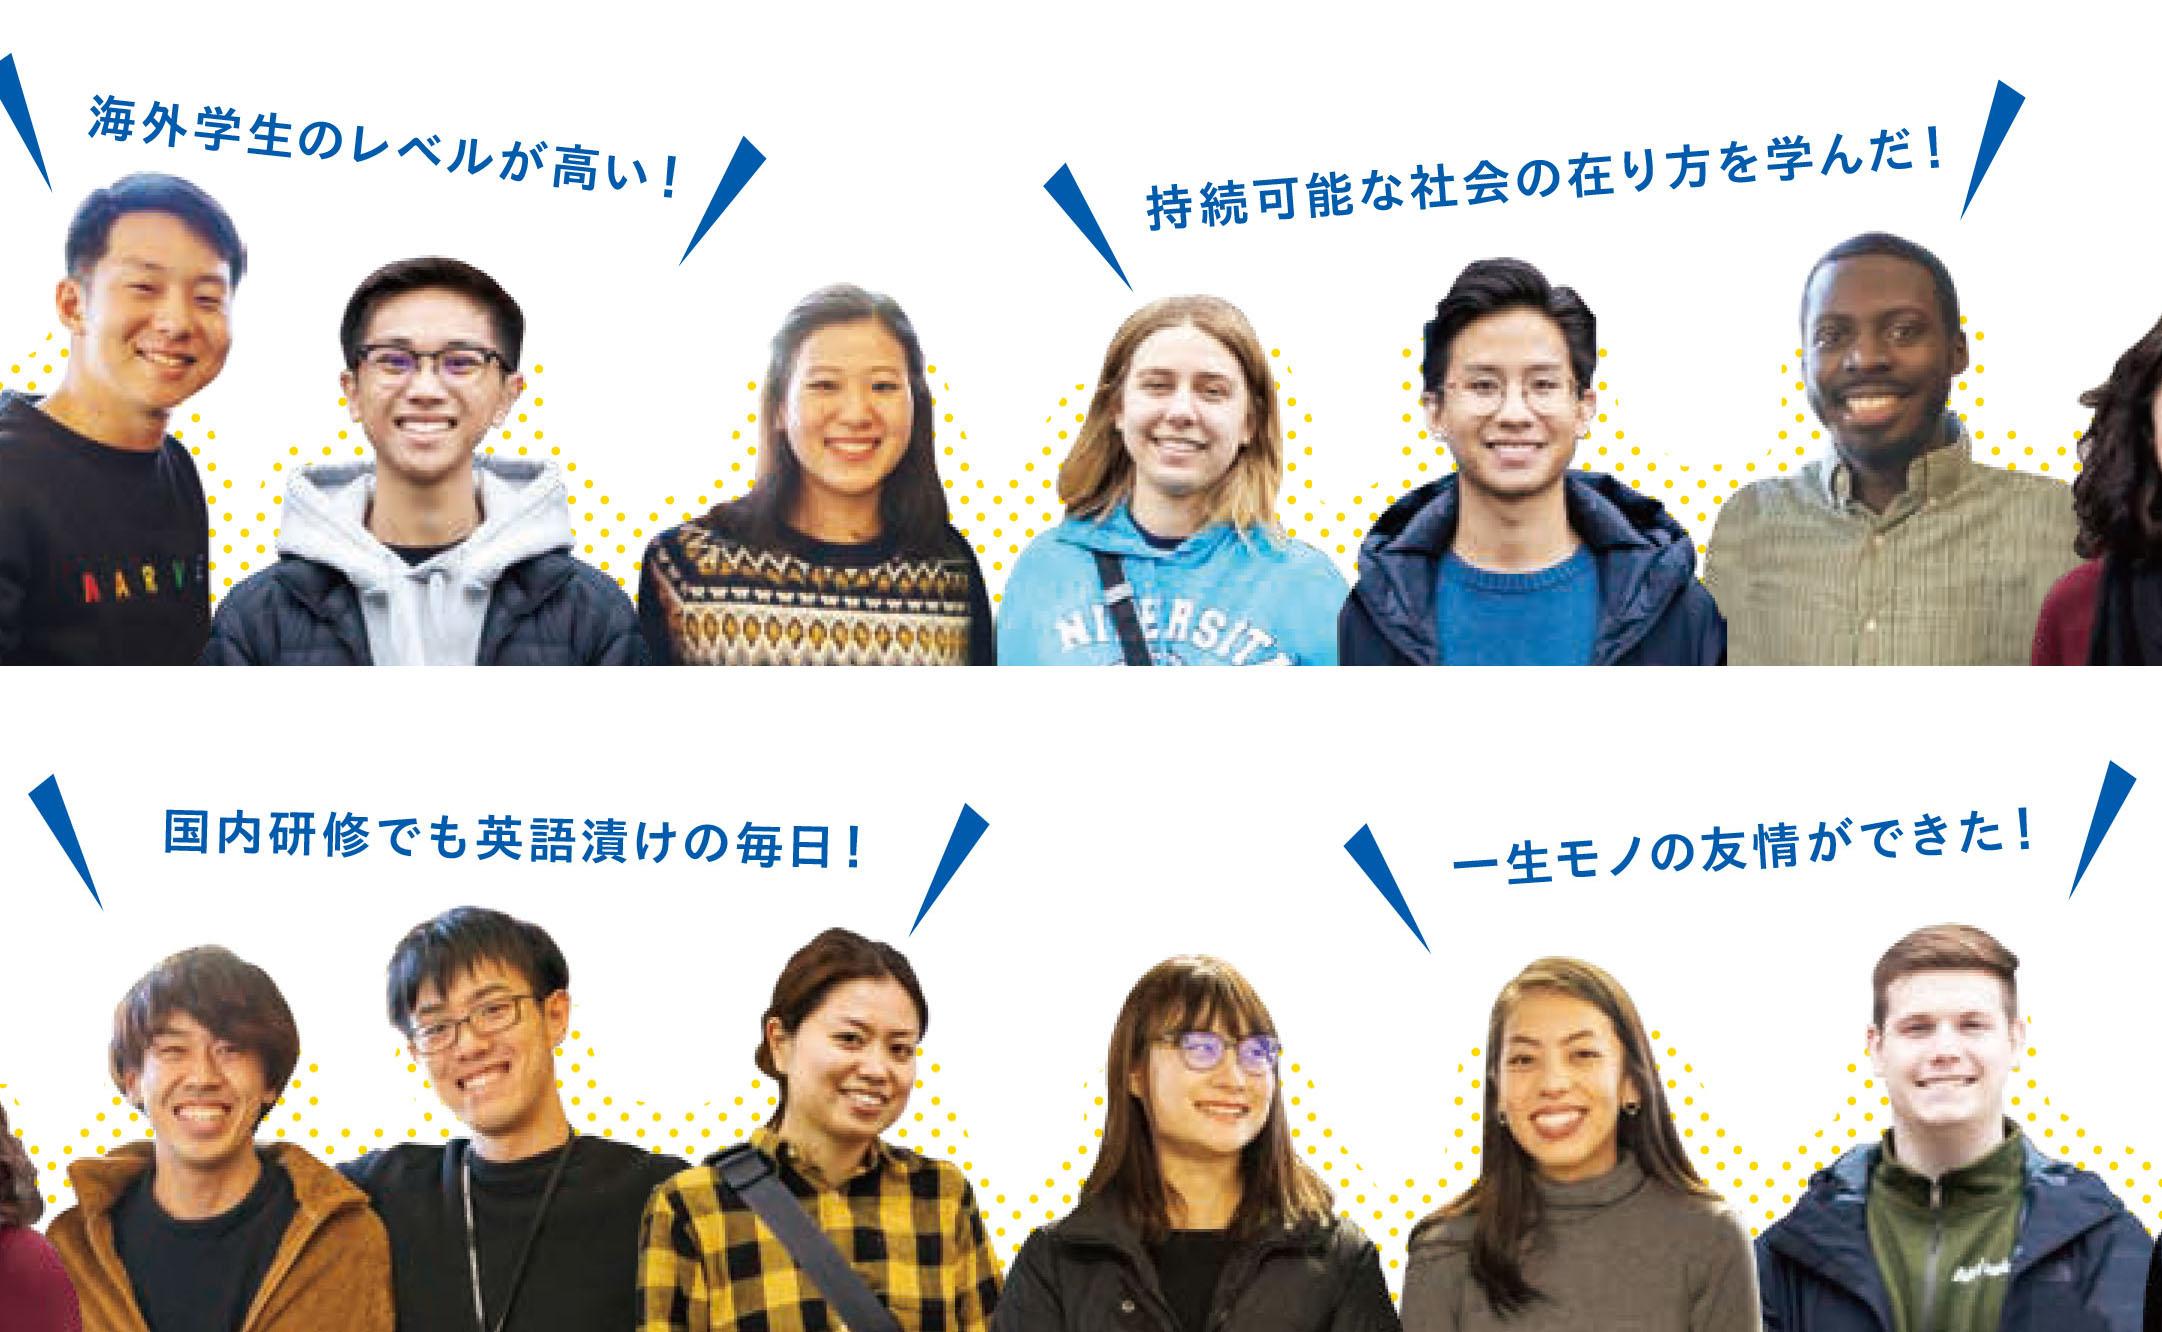 sigloc_participants_LM